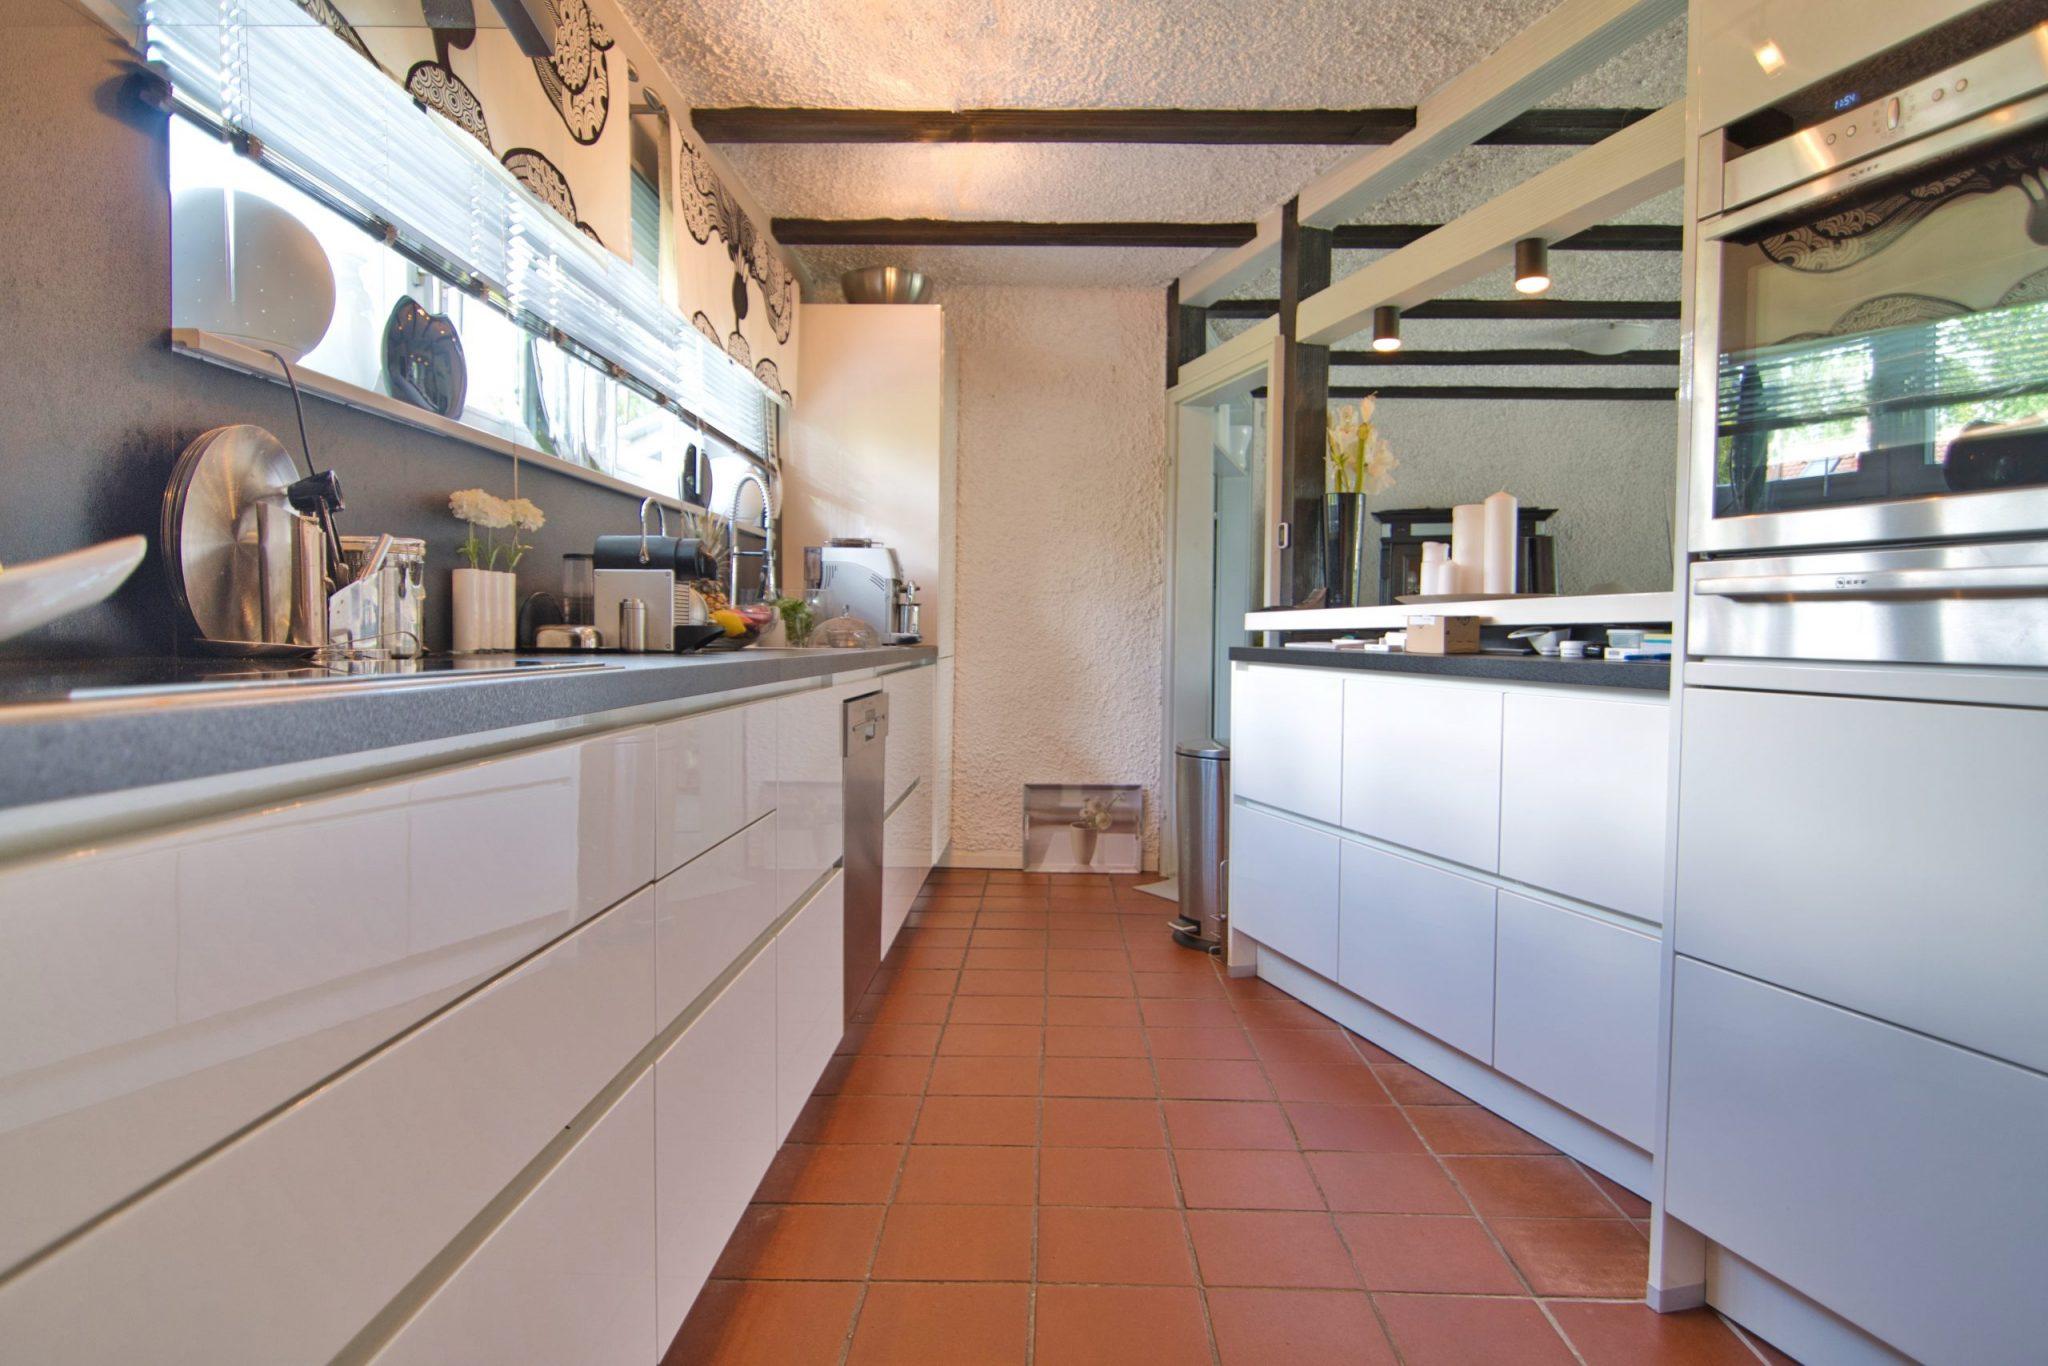 Einbauküche - puristisch und neu